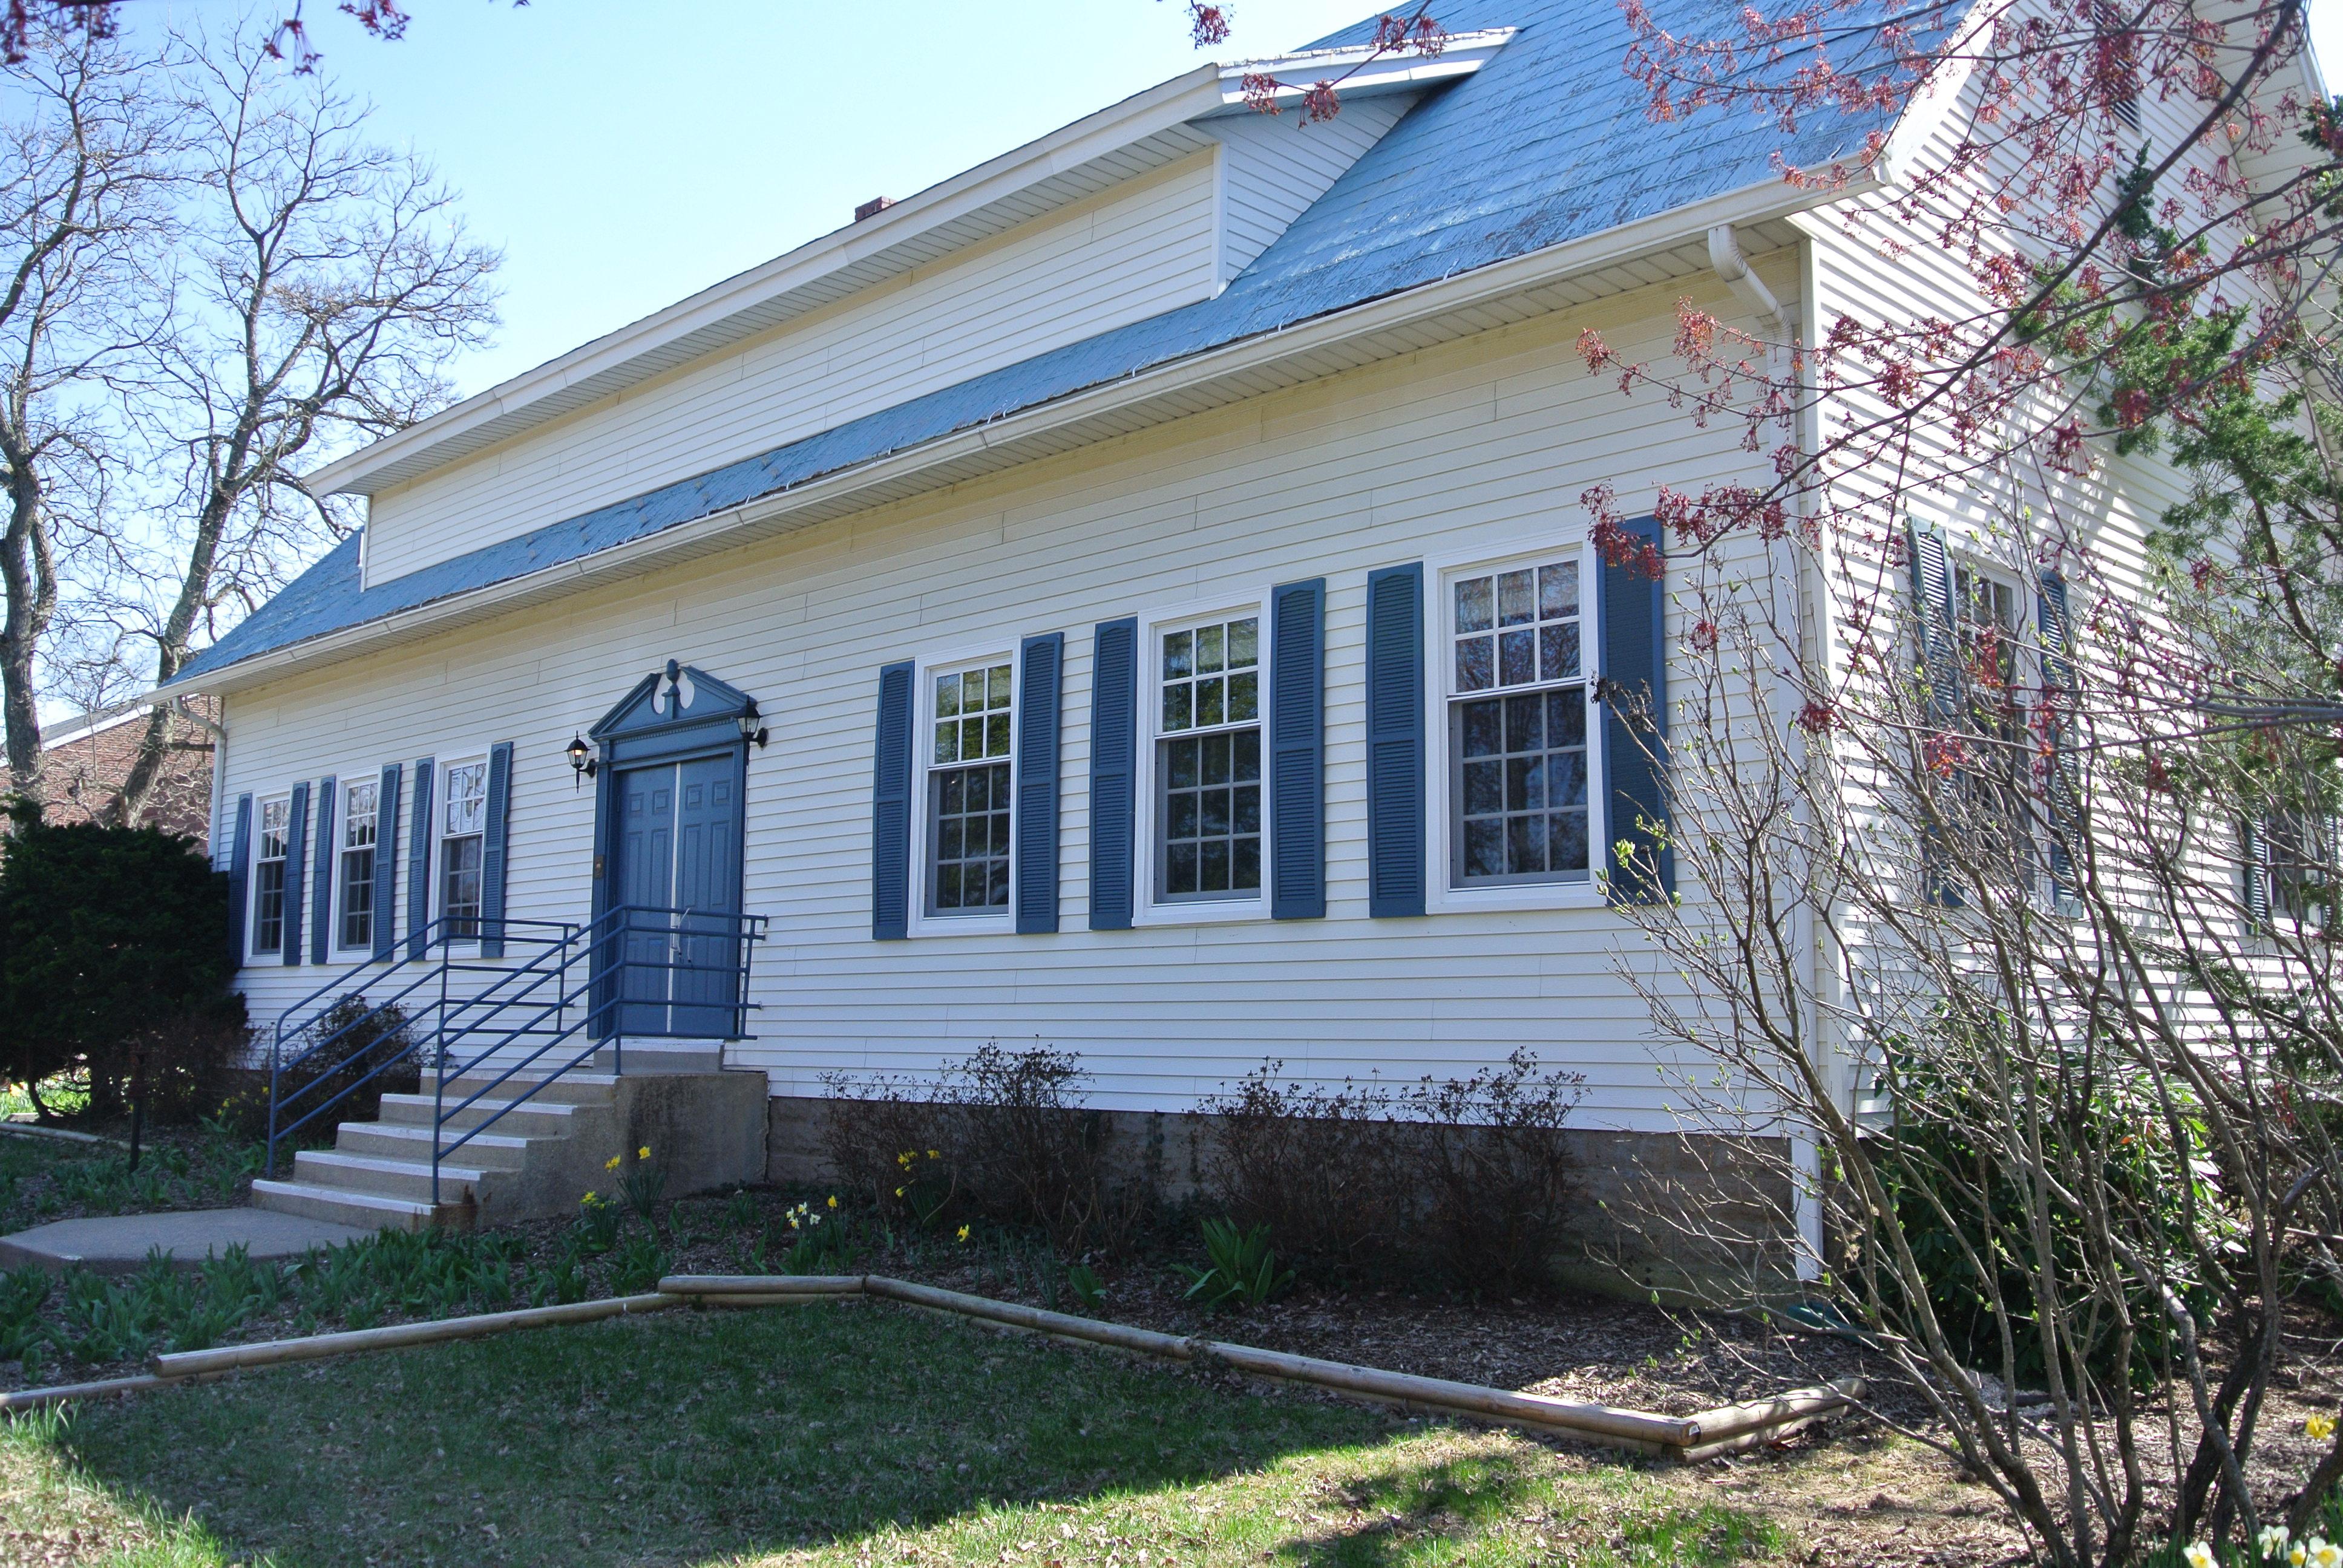 bowman-house-windows